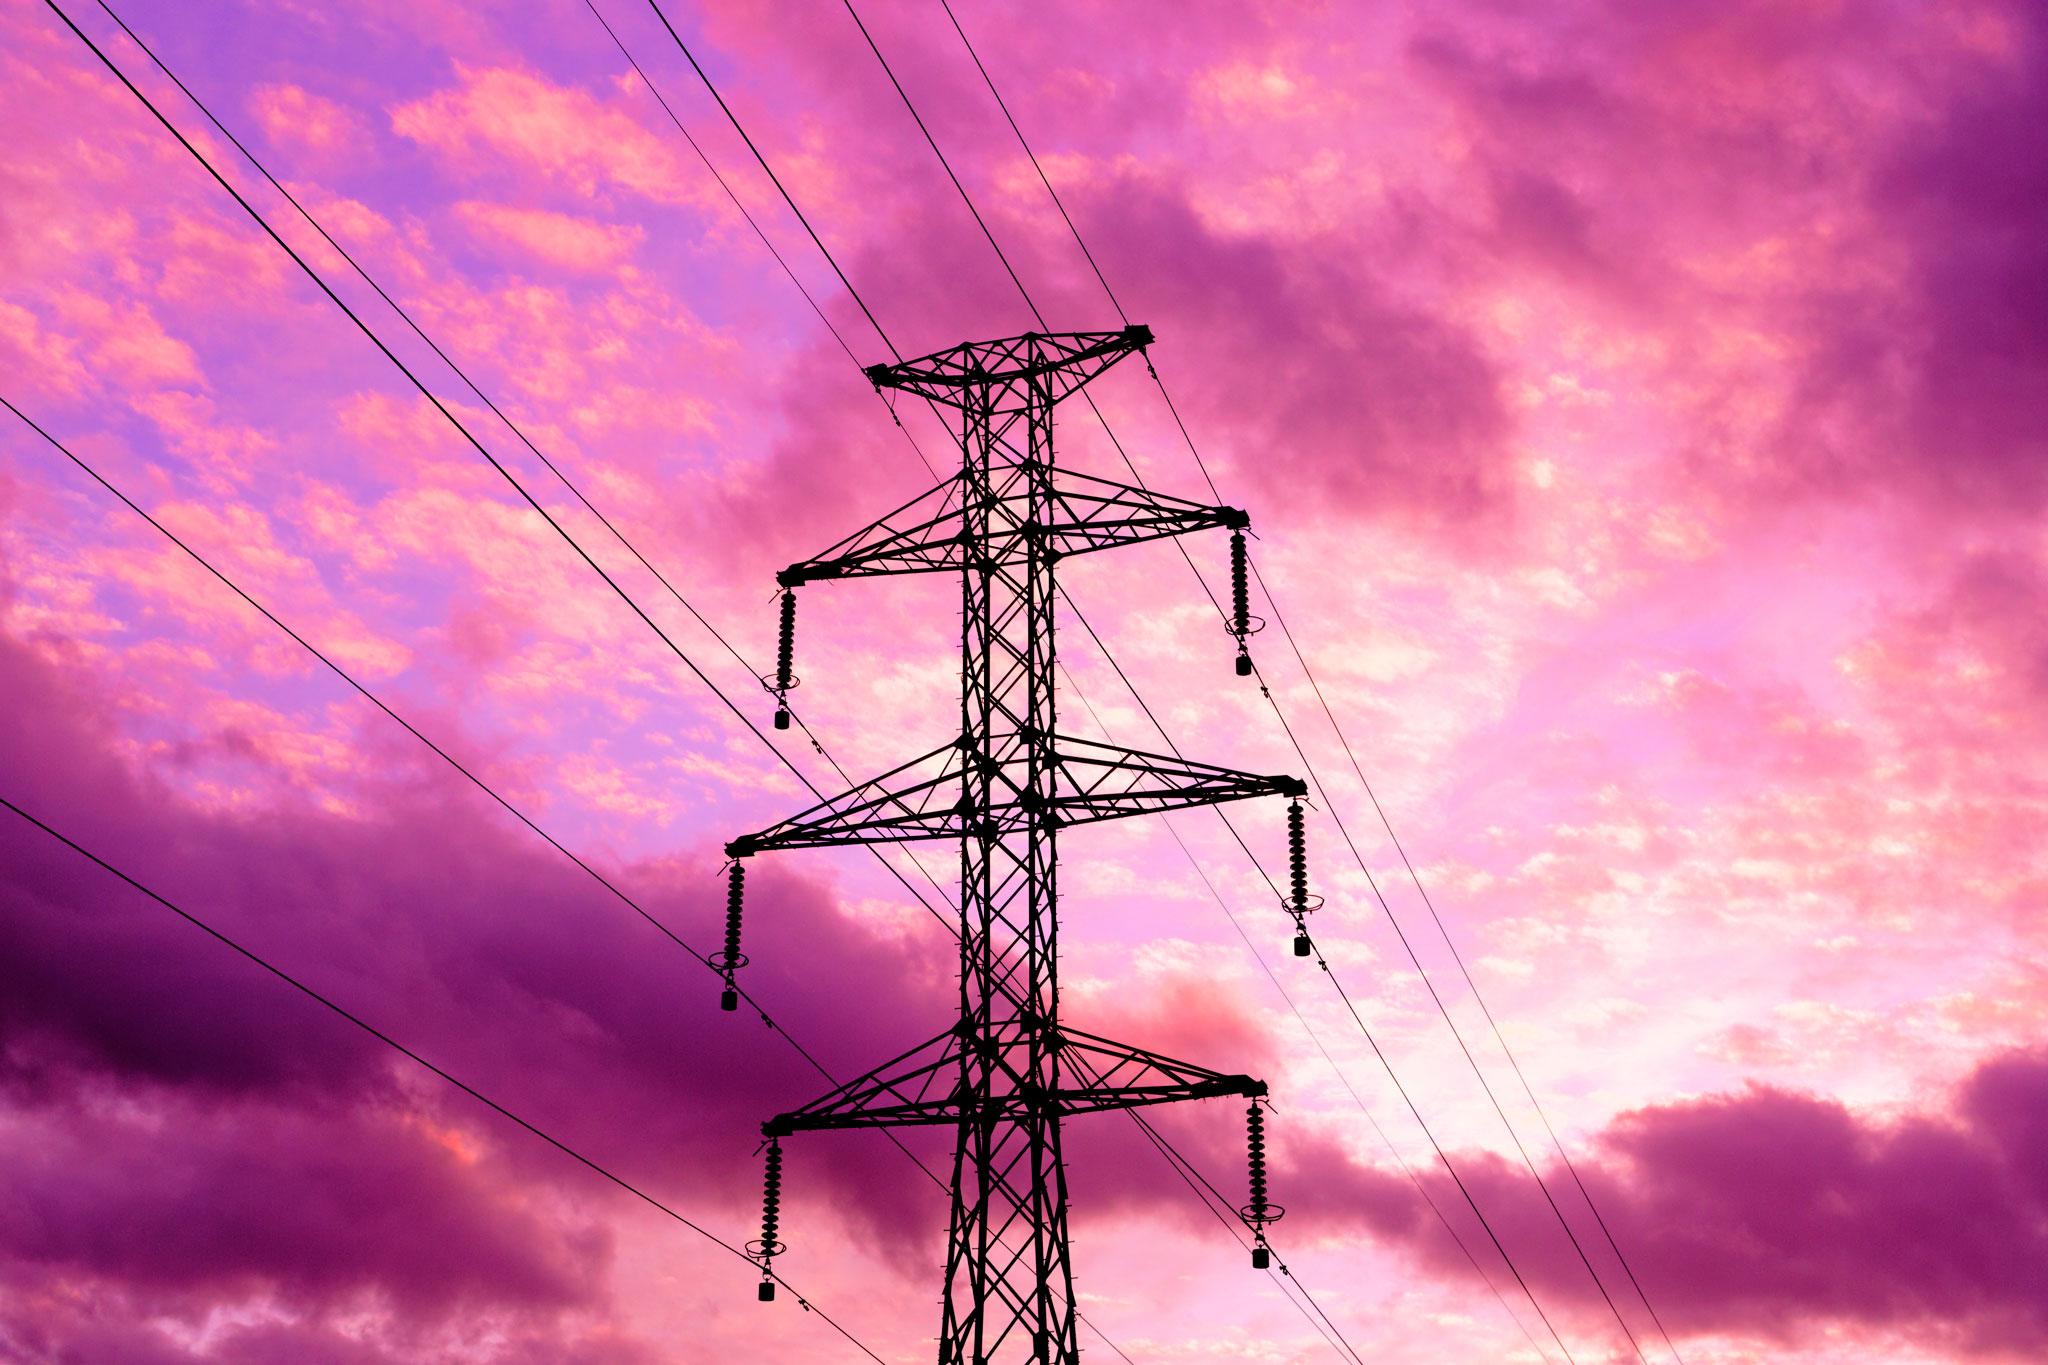 Ligne haute tension et coucher de soleil Stéphane Thirion étix photographe Virton